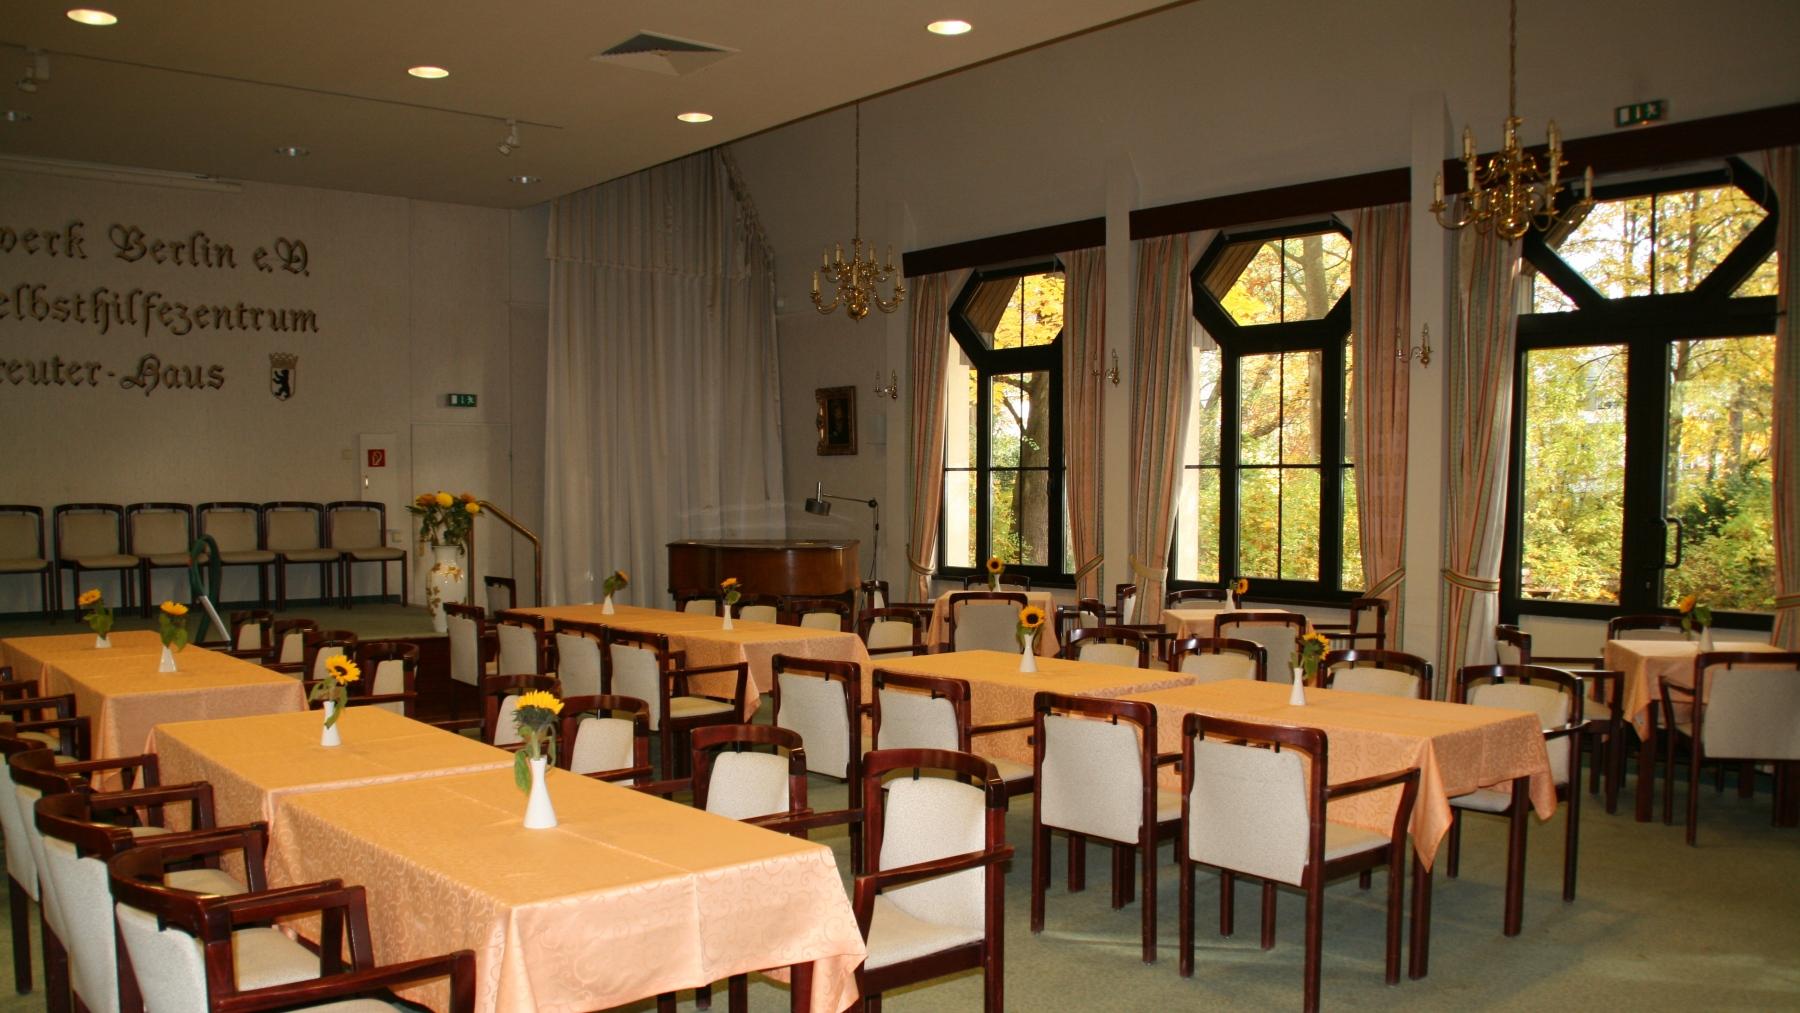 Veranstaltungssaal mit Tischen und Stühlen; Blick auf Bühne